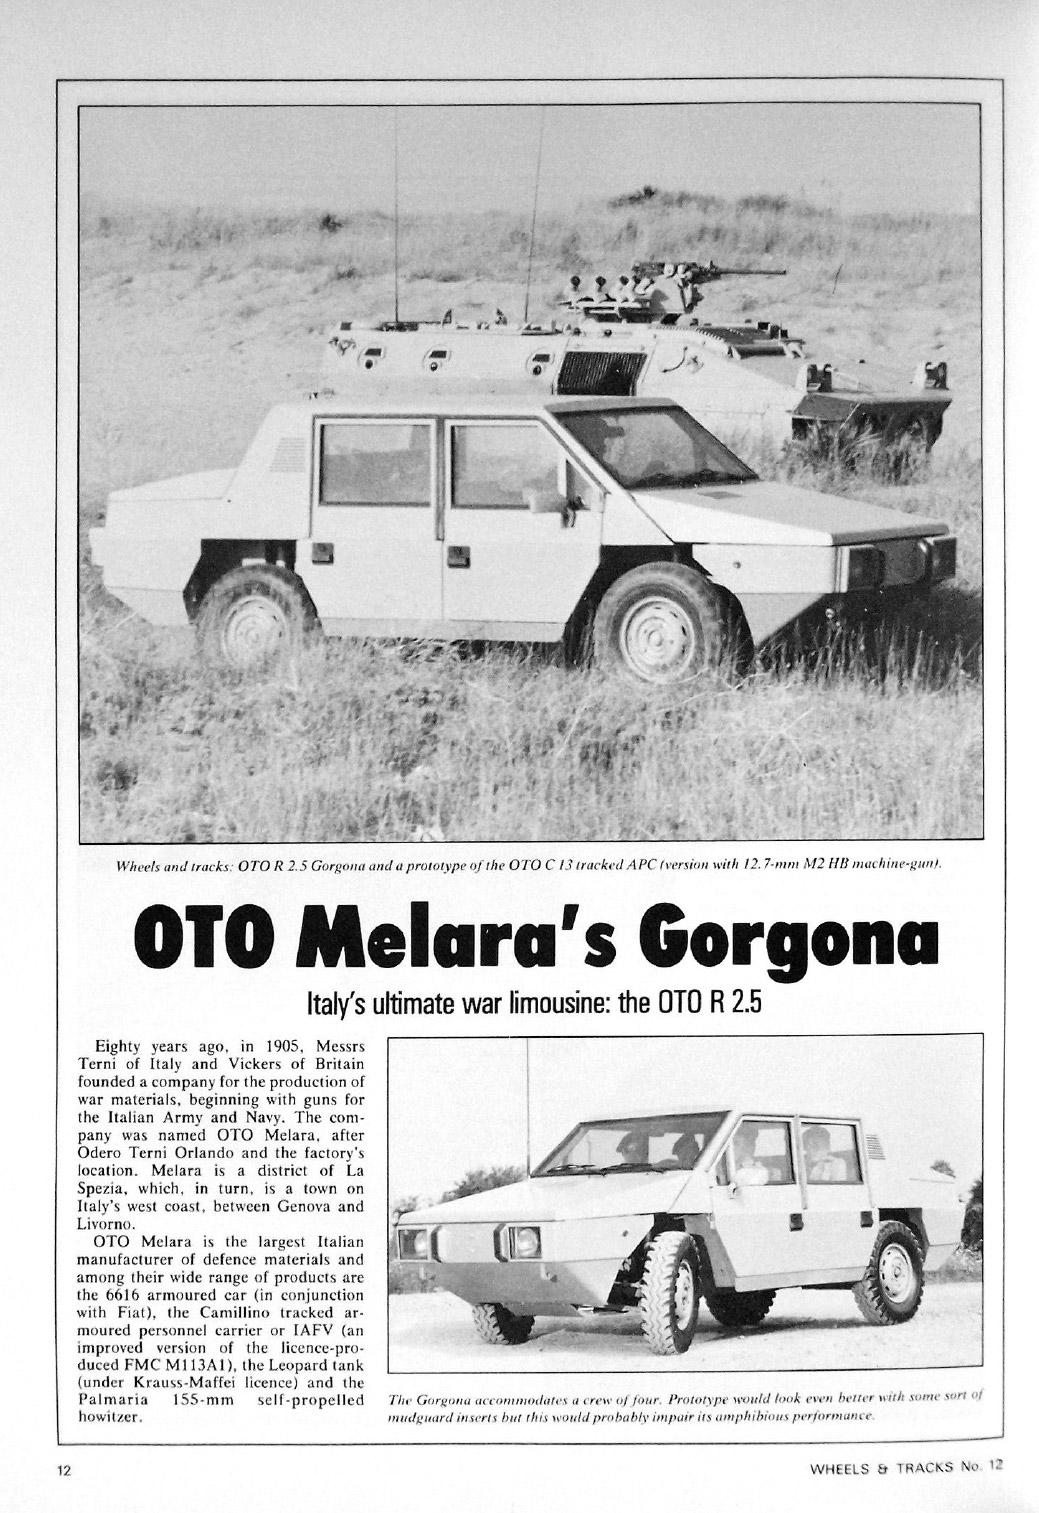 OTO_Melara_Gorgona_1982_02.jpg